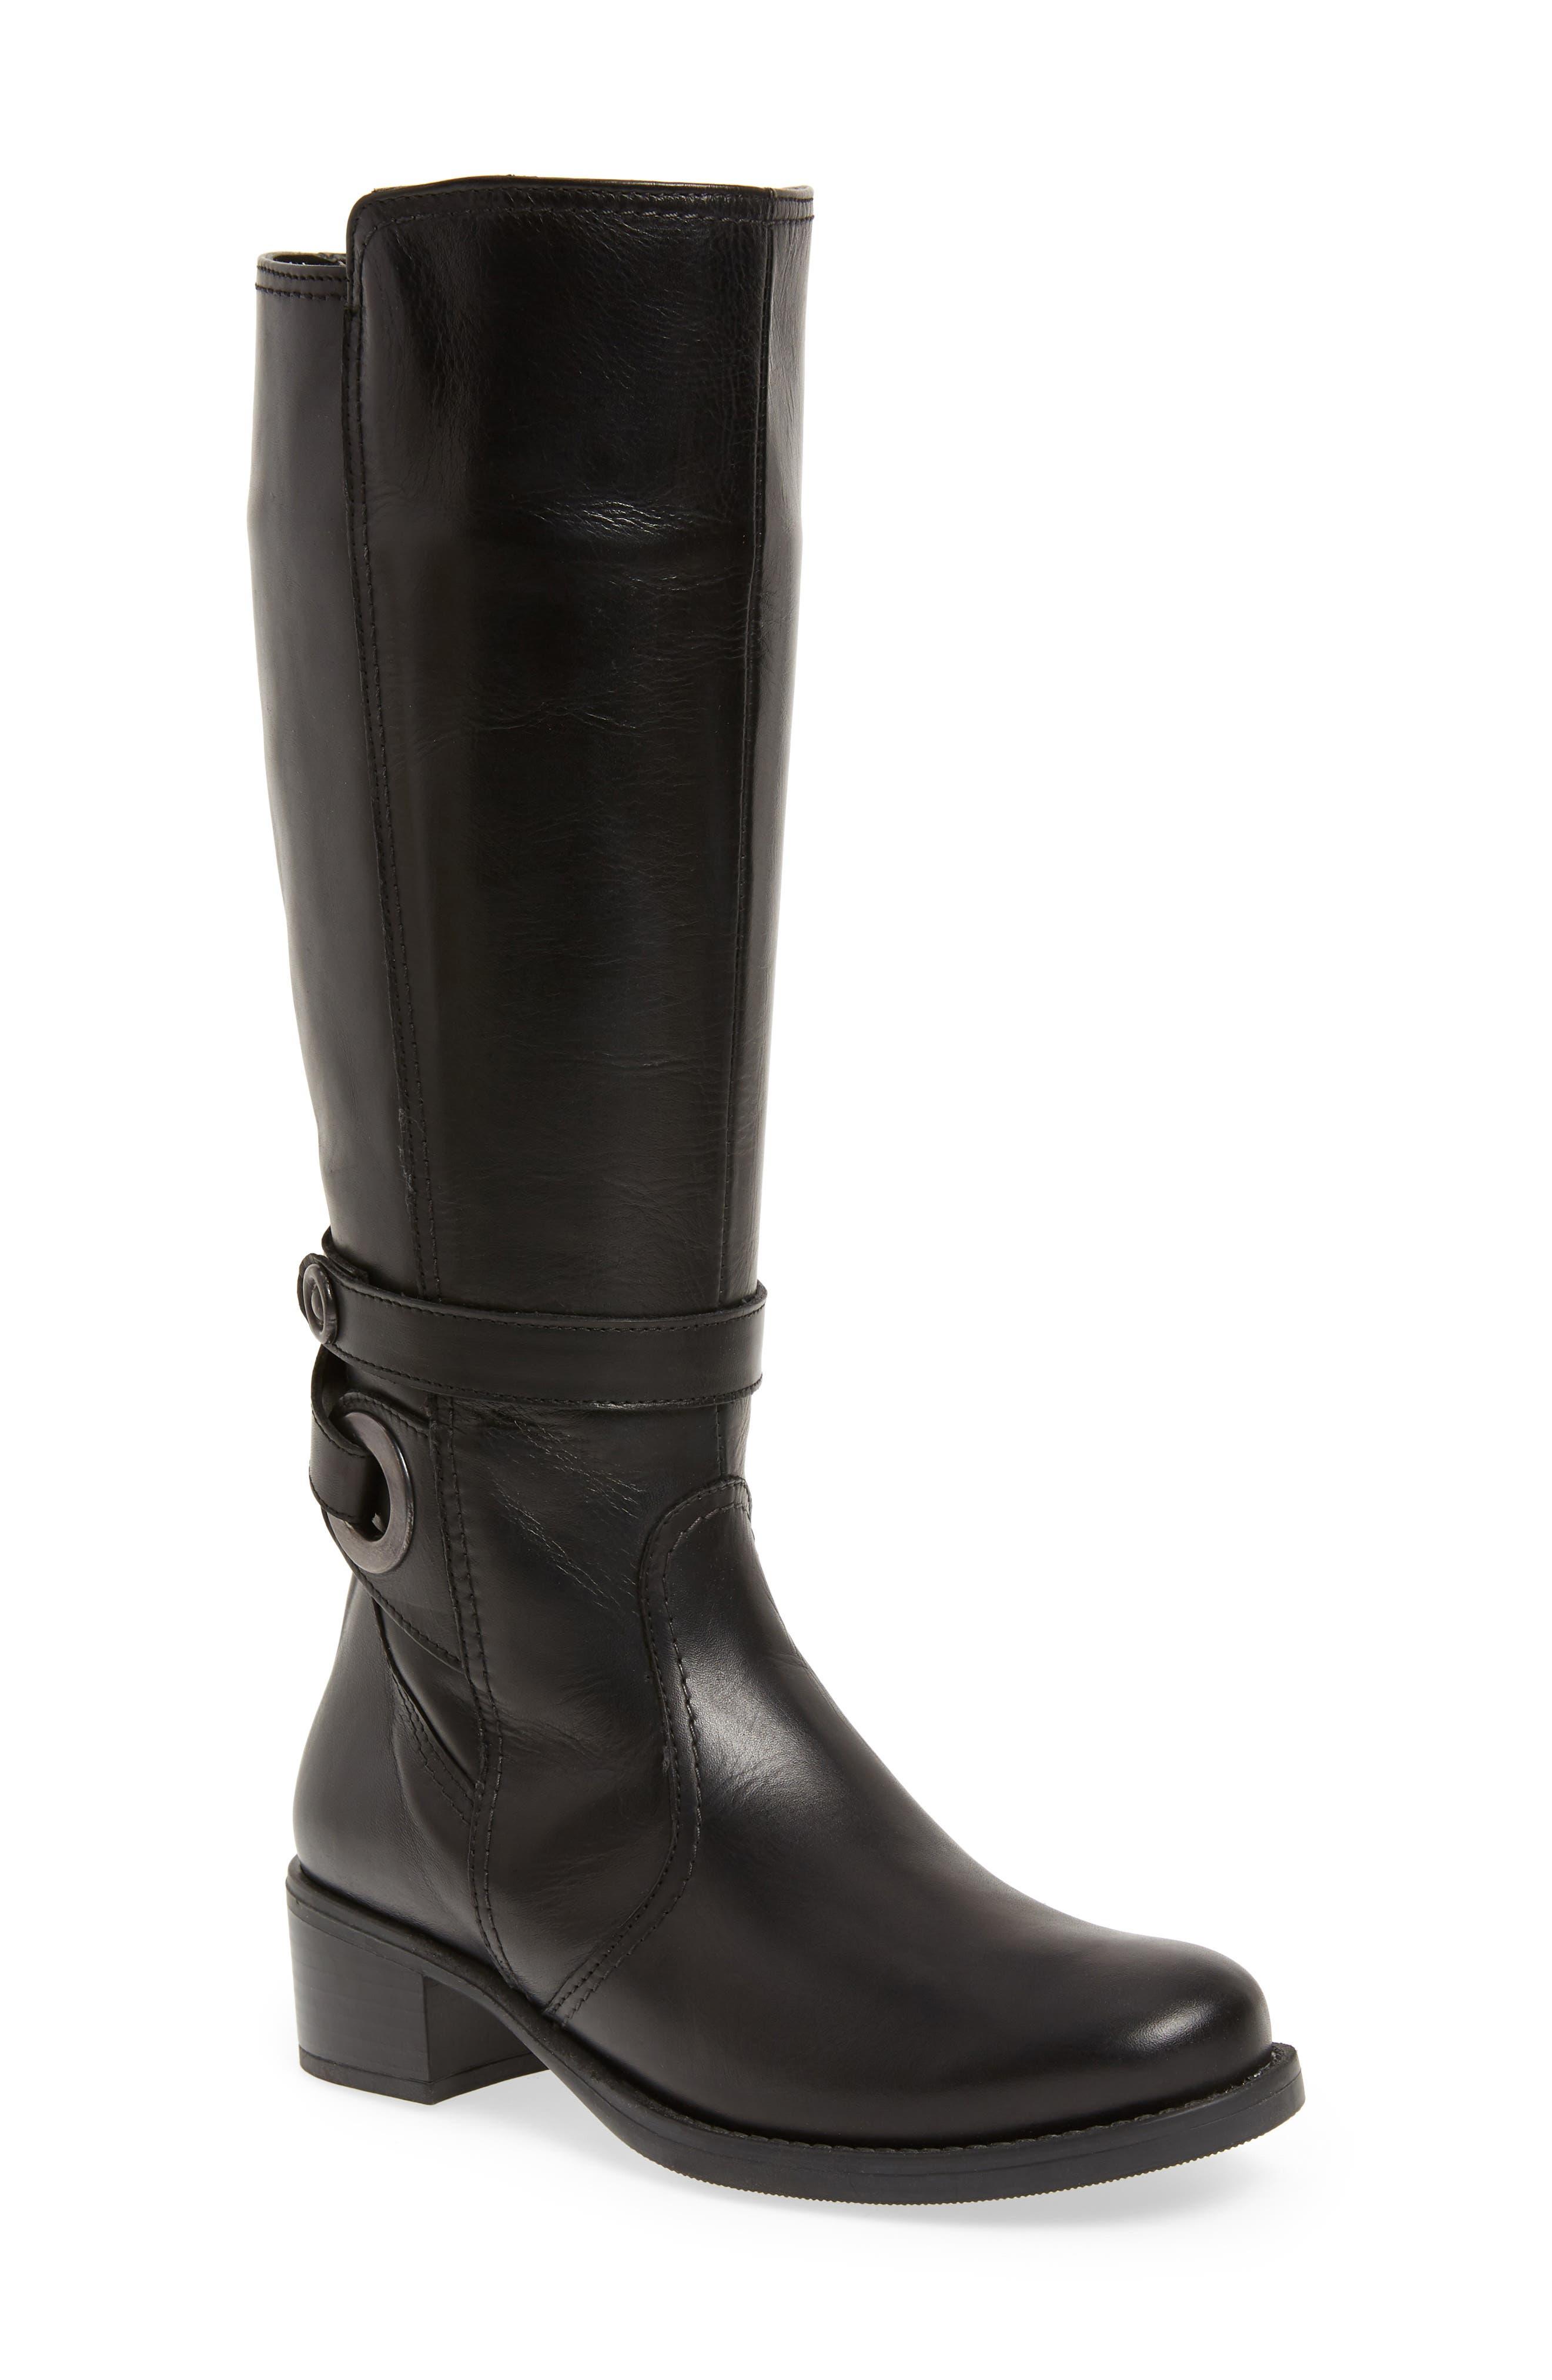 DAVID TATE Portofino Boot, Main, color, BLACK LEATHER